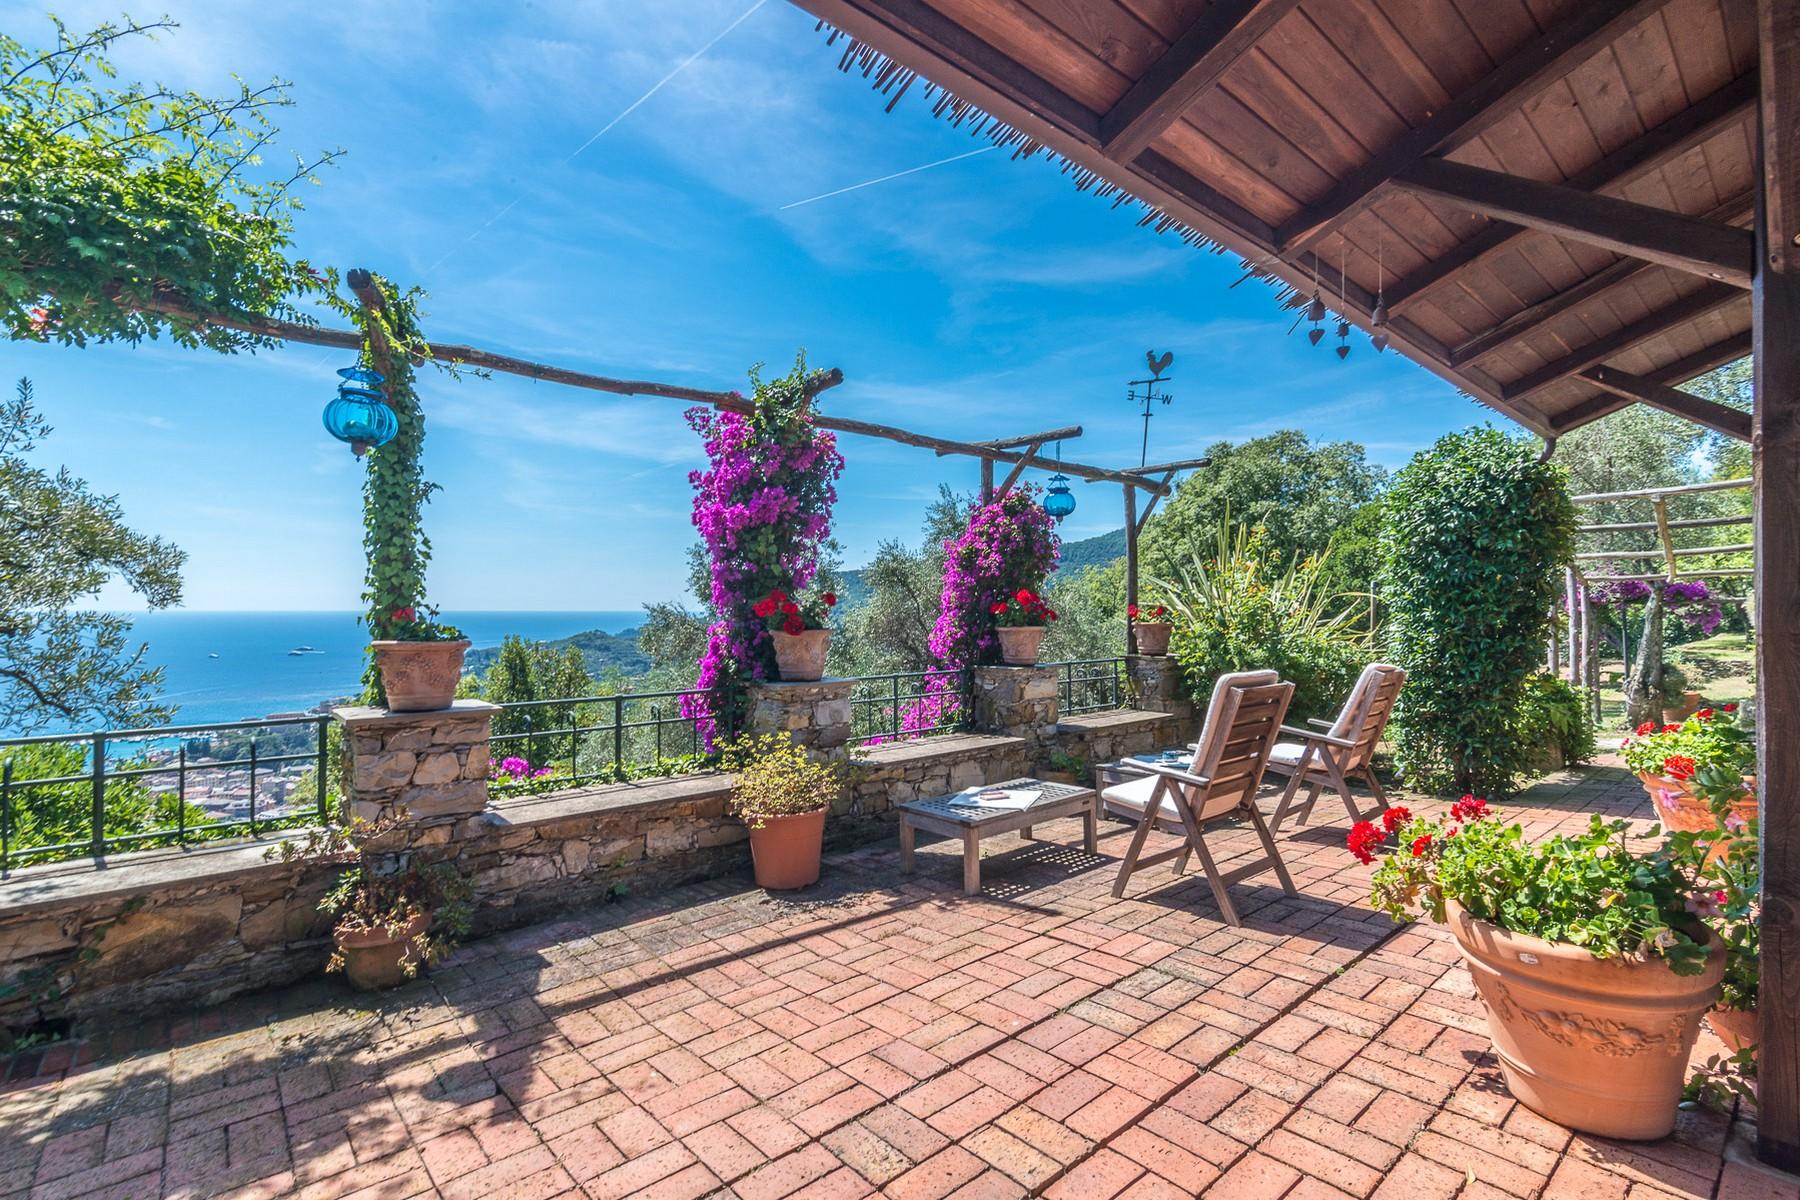 Villa in Vendita a Santa Margherita Ligure: 5 locali, 180 mq